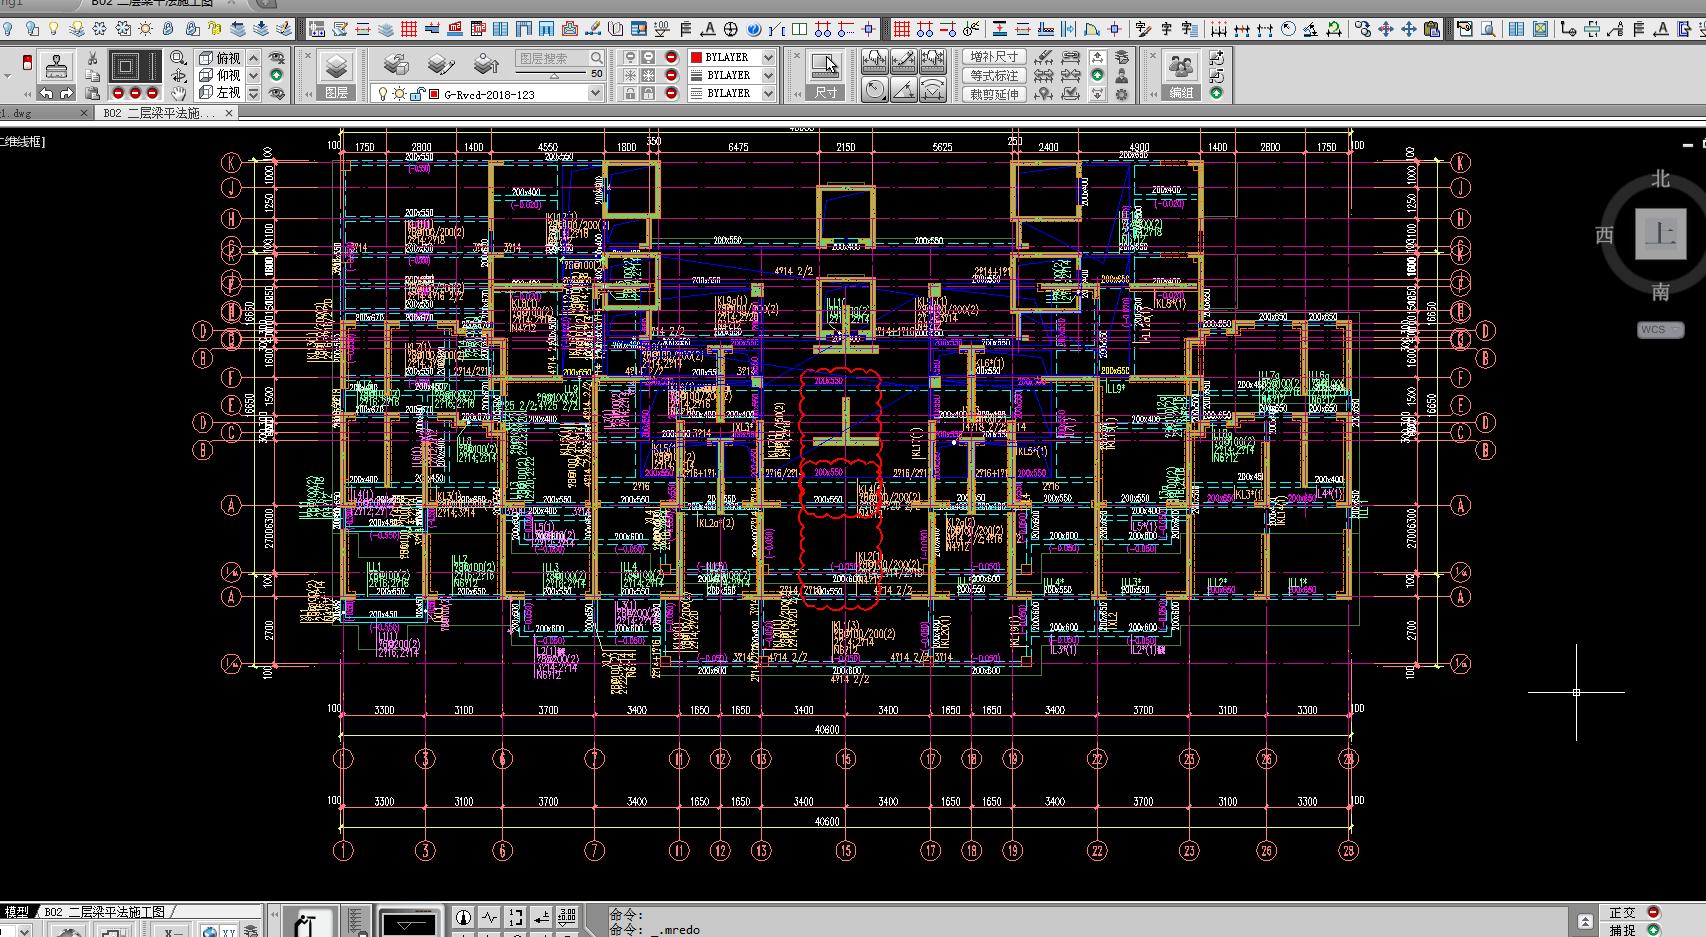 两张一样的CAD部分重叠,破解删去的图纸cad2010中文版重叠位64图片